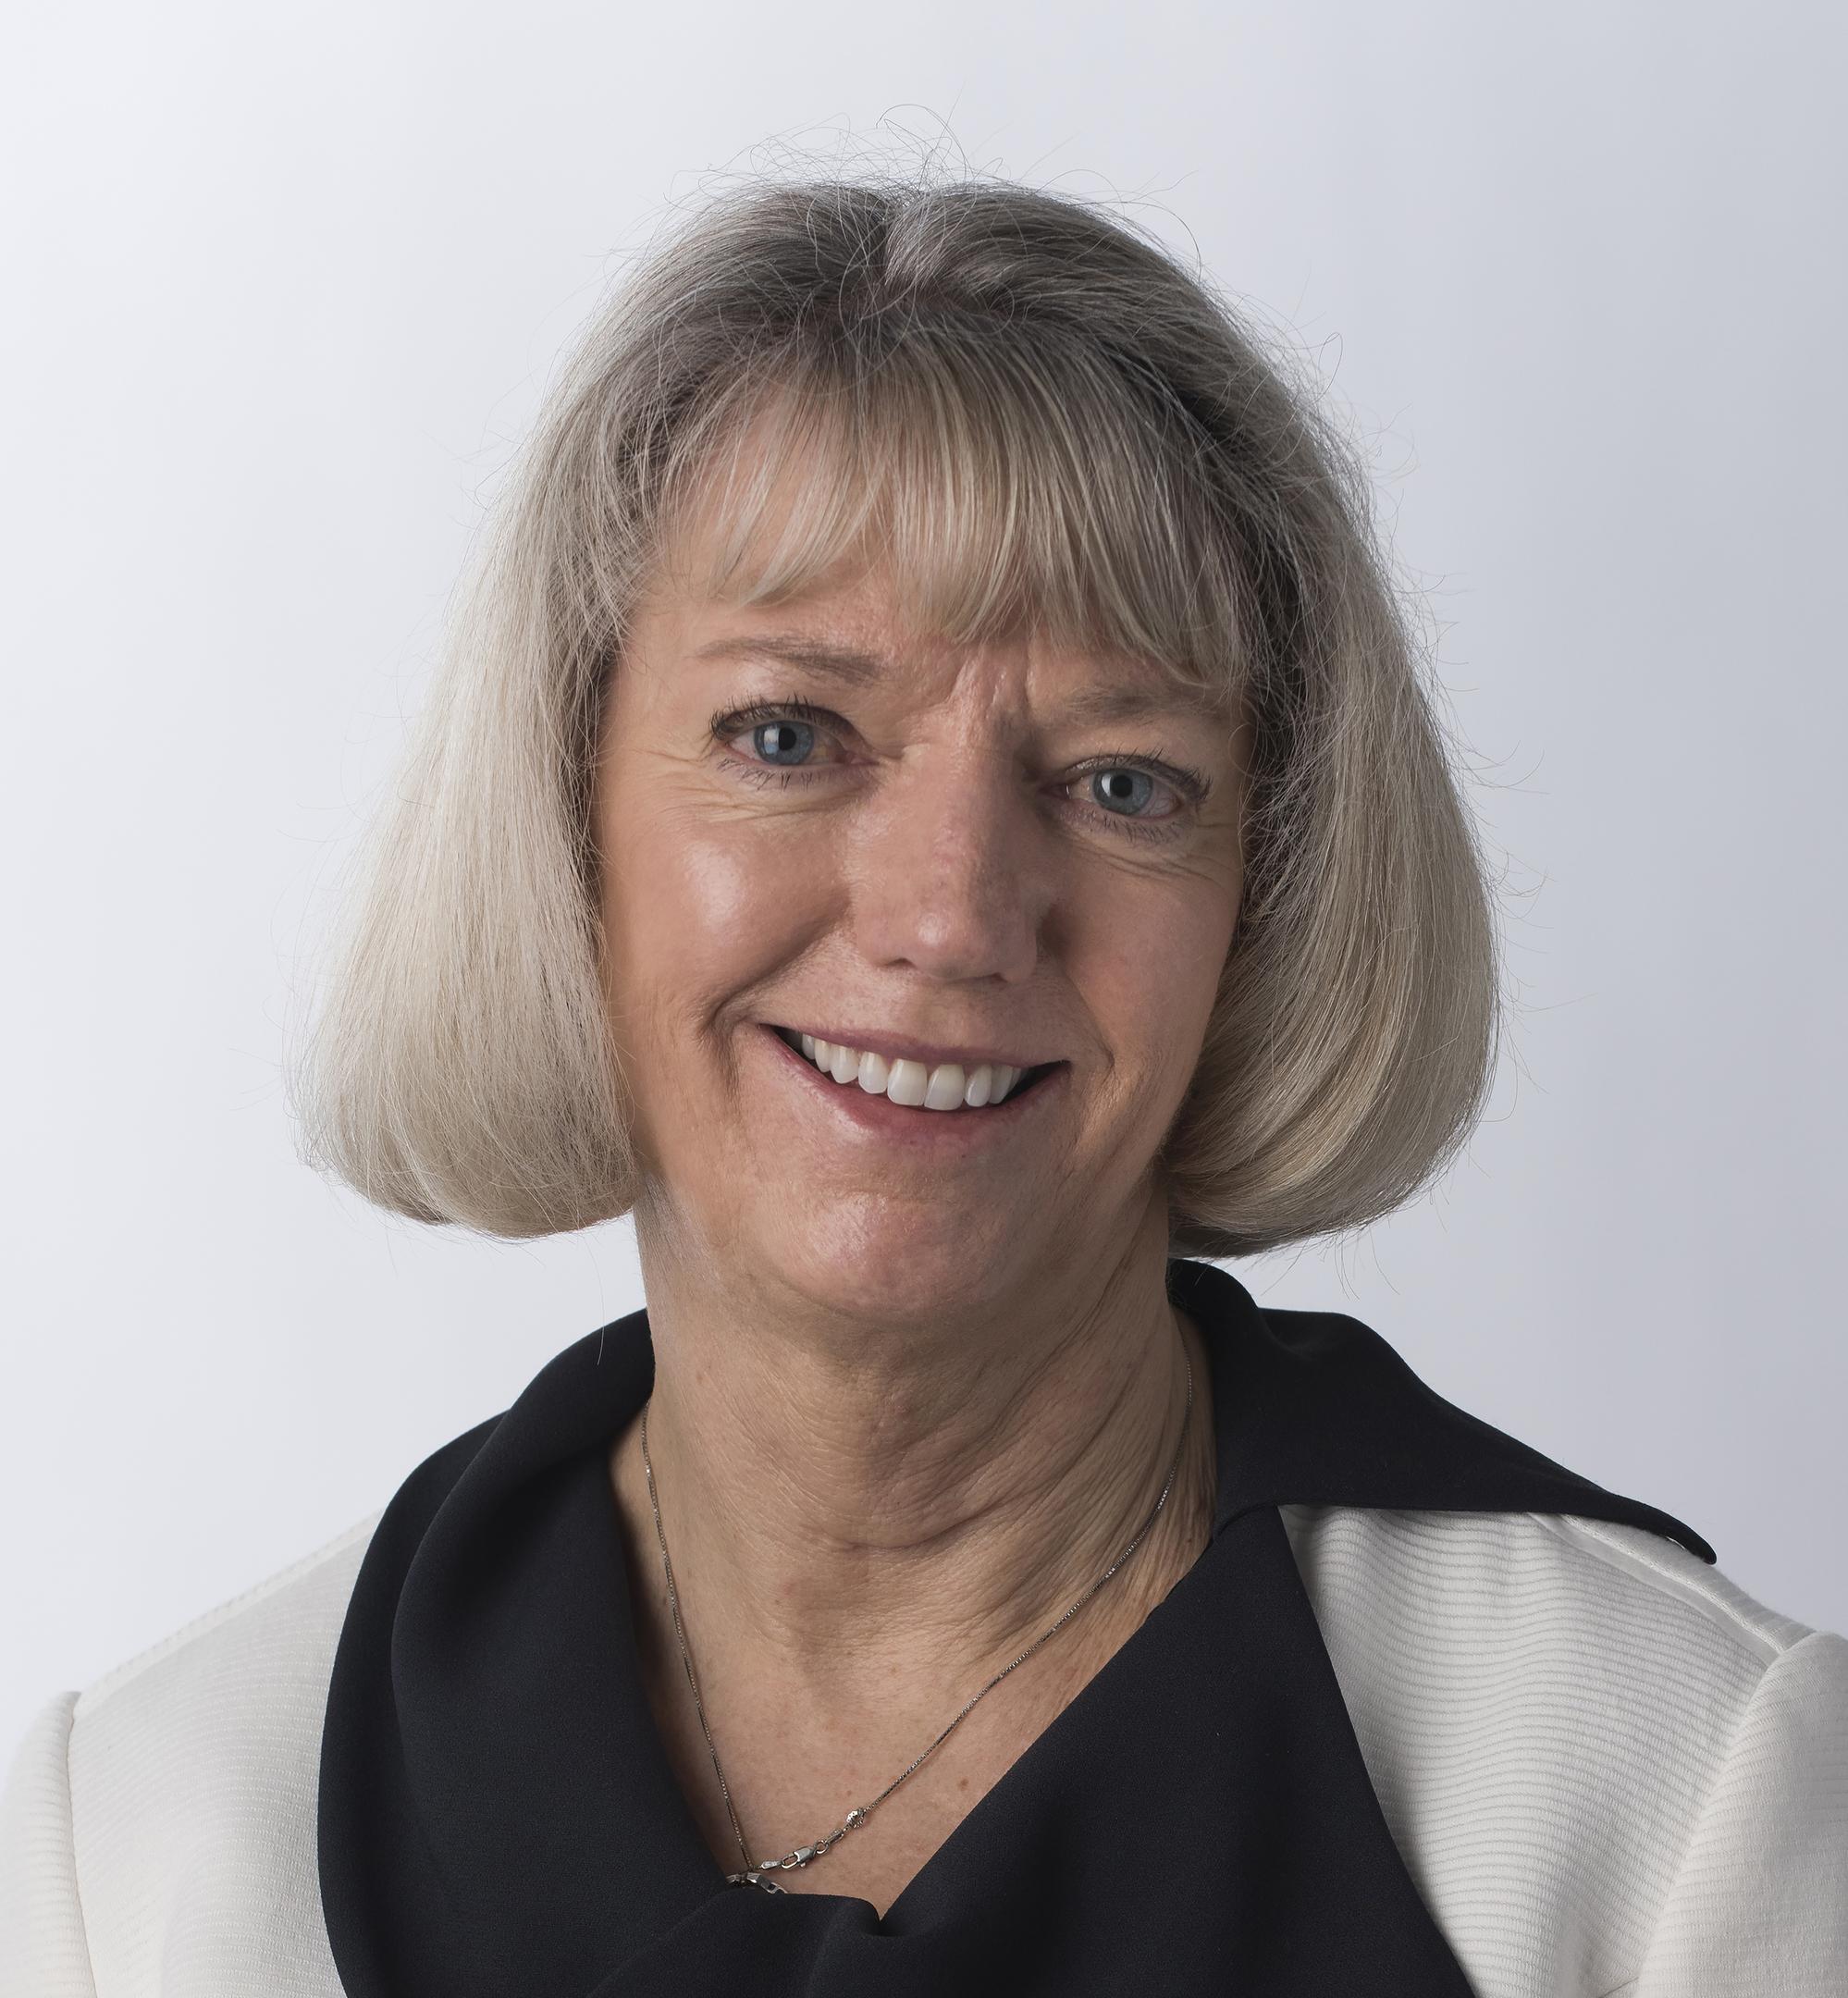 Karen Sobel